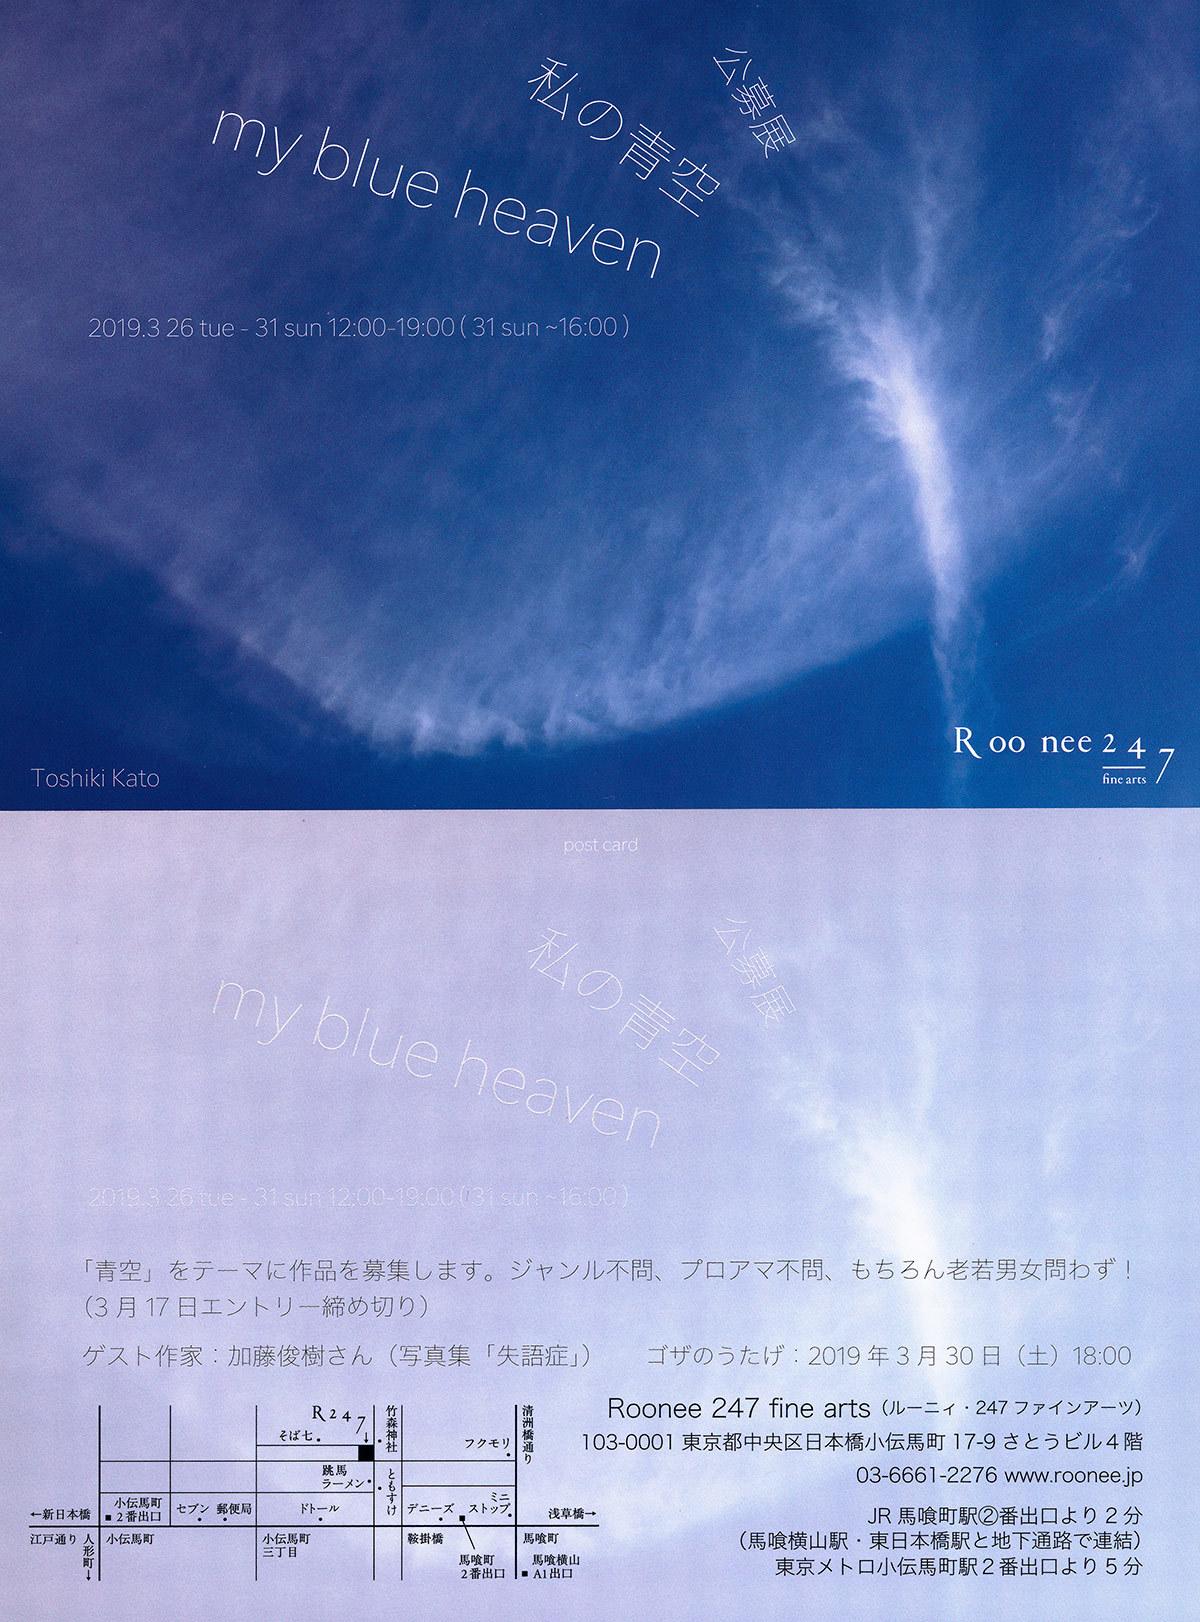 日本橋 Roonee 247 fine arts 「私の青空 - my blue heaven -」展に出展します_f0121181_22102900.jpg